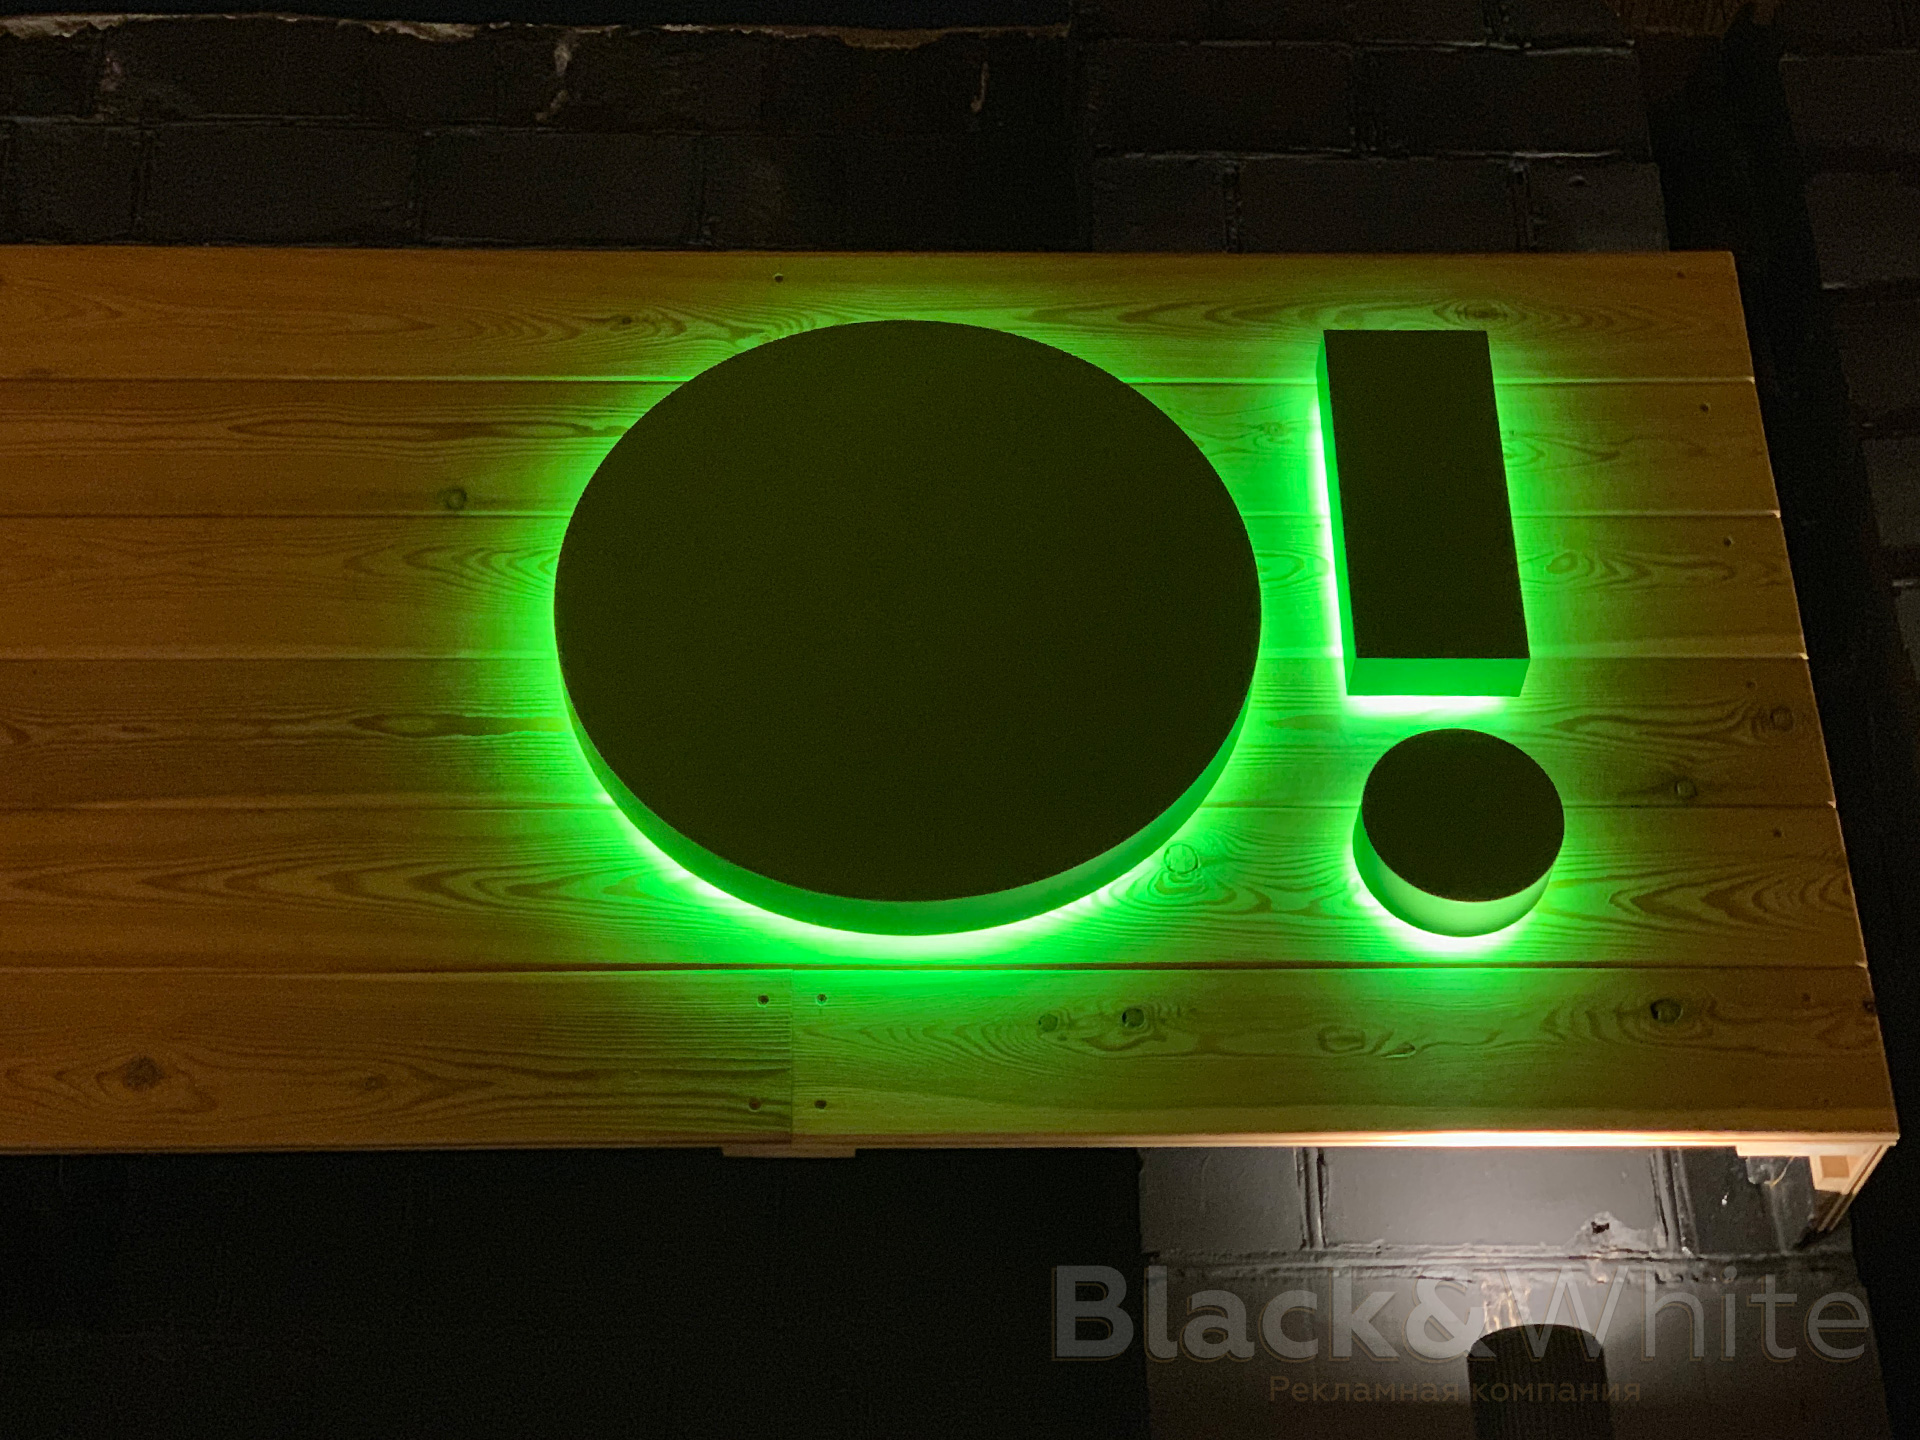 Вывески-с-объёмными-буквами-Объемные-буквы-с-контражурной-(обратной)-подсветкой-красноярск.jpg